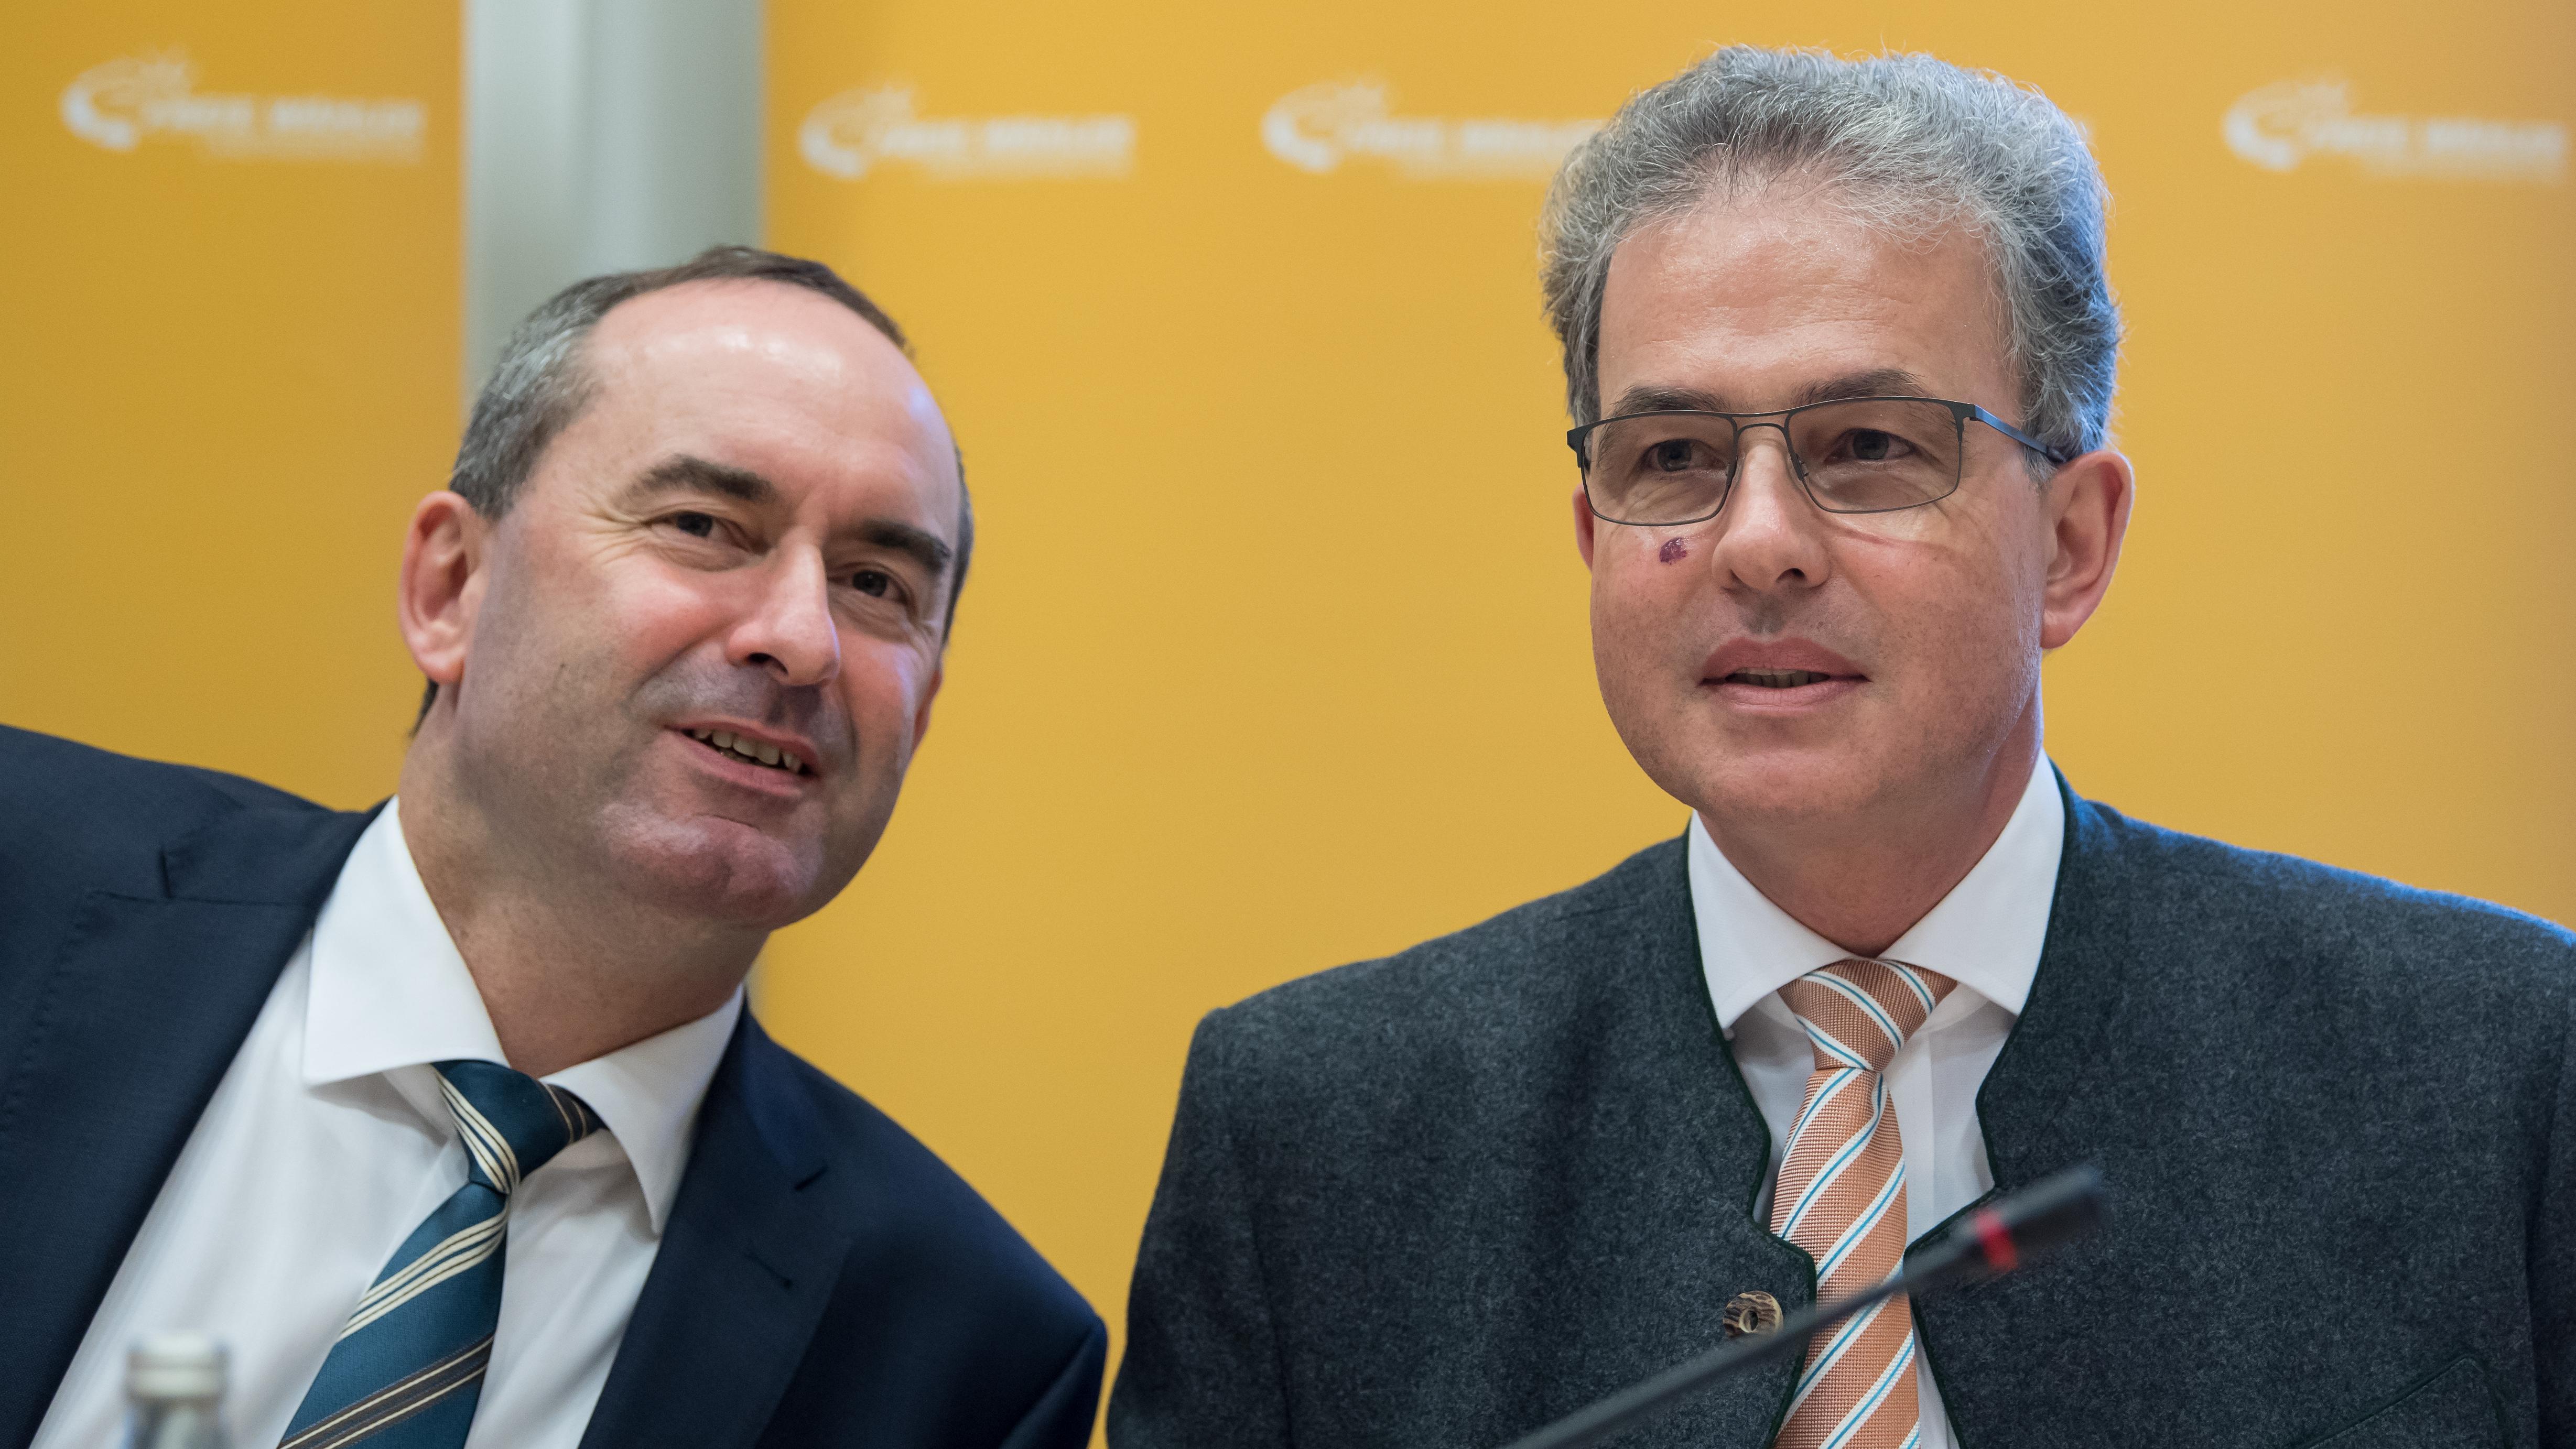 Hubert Aiwanger (l) und Florian Streibl (r)